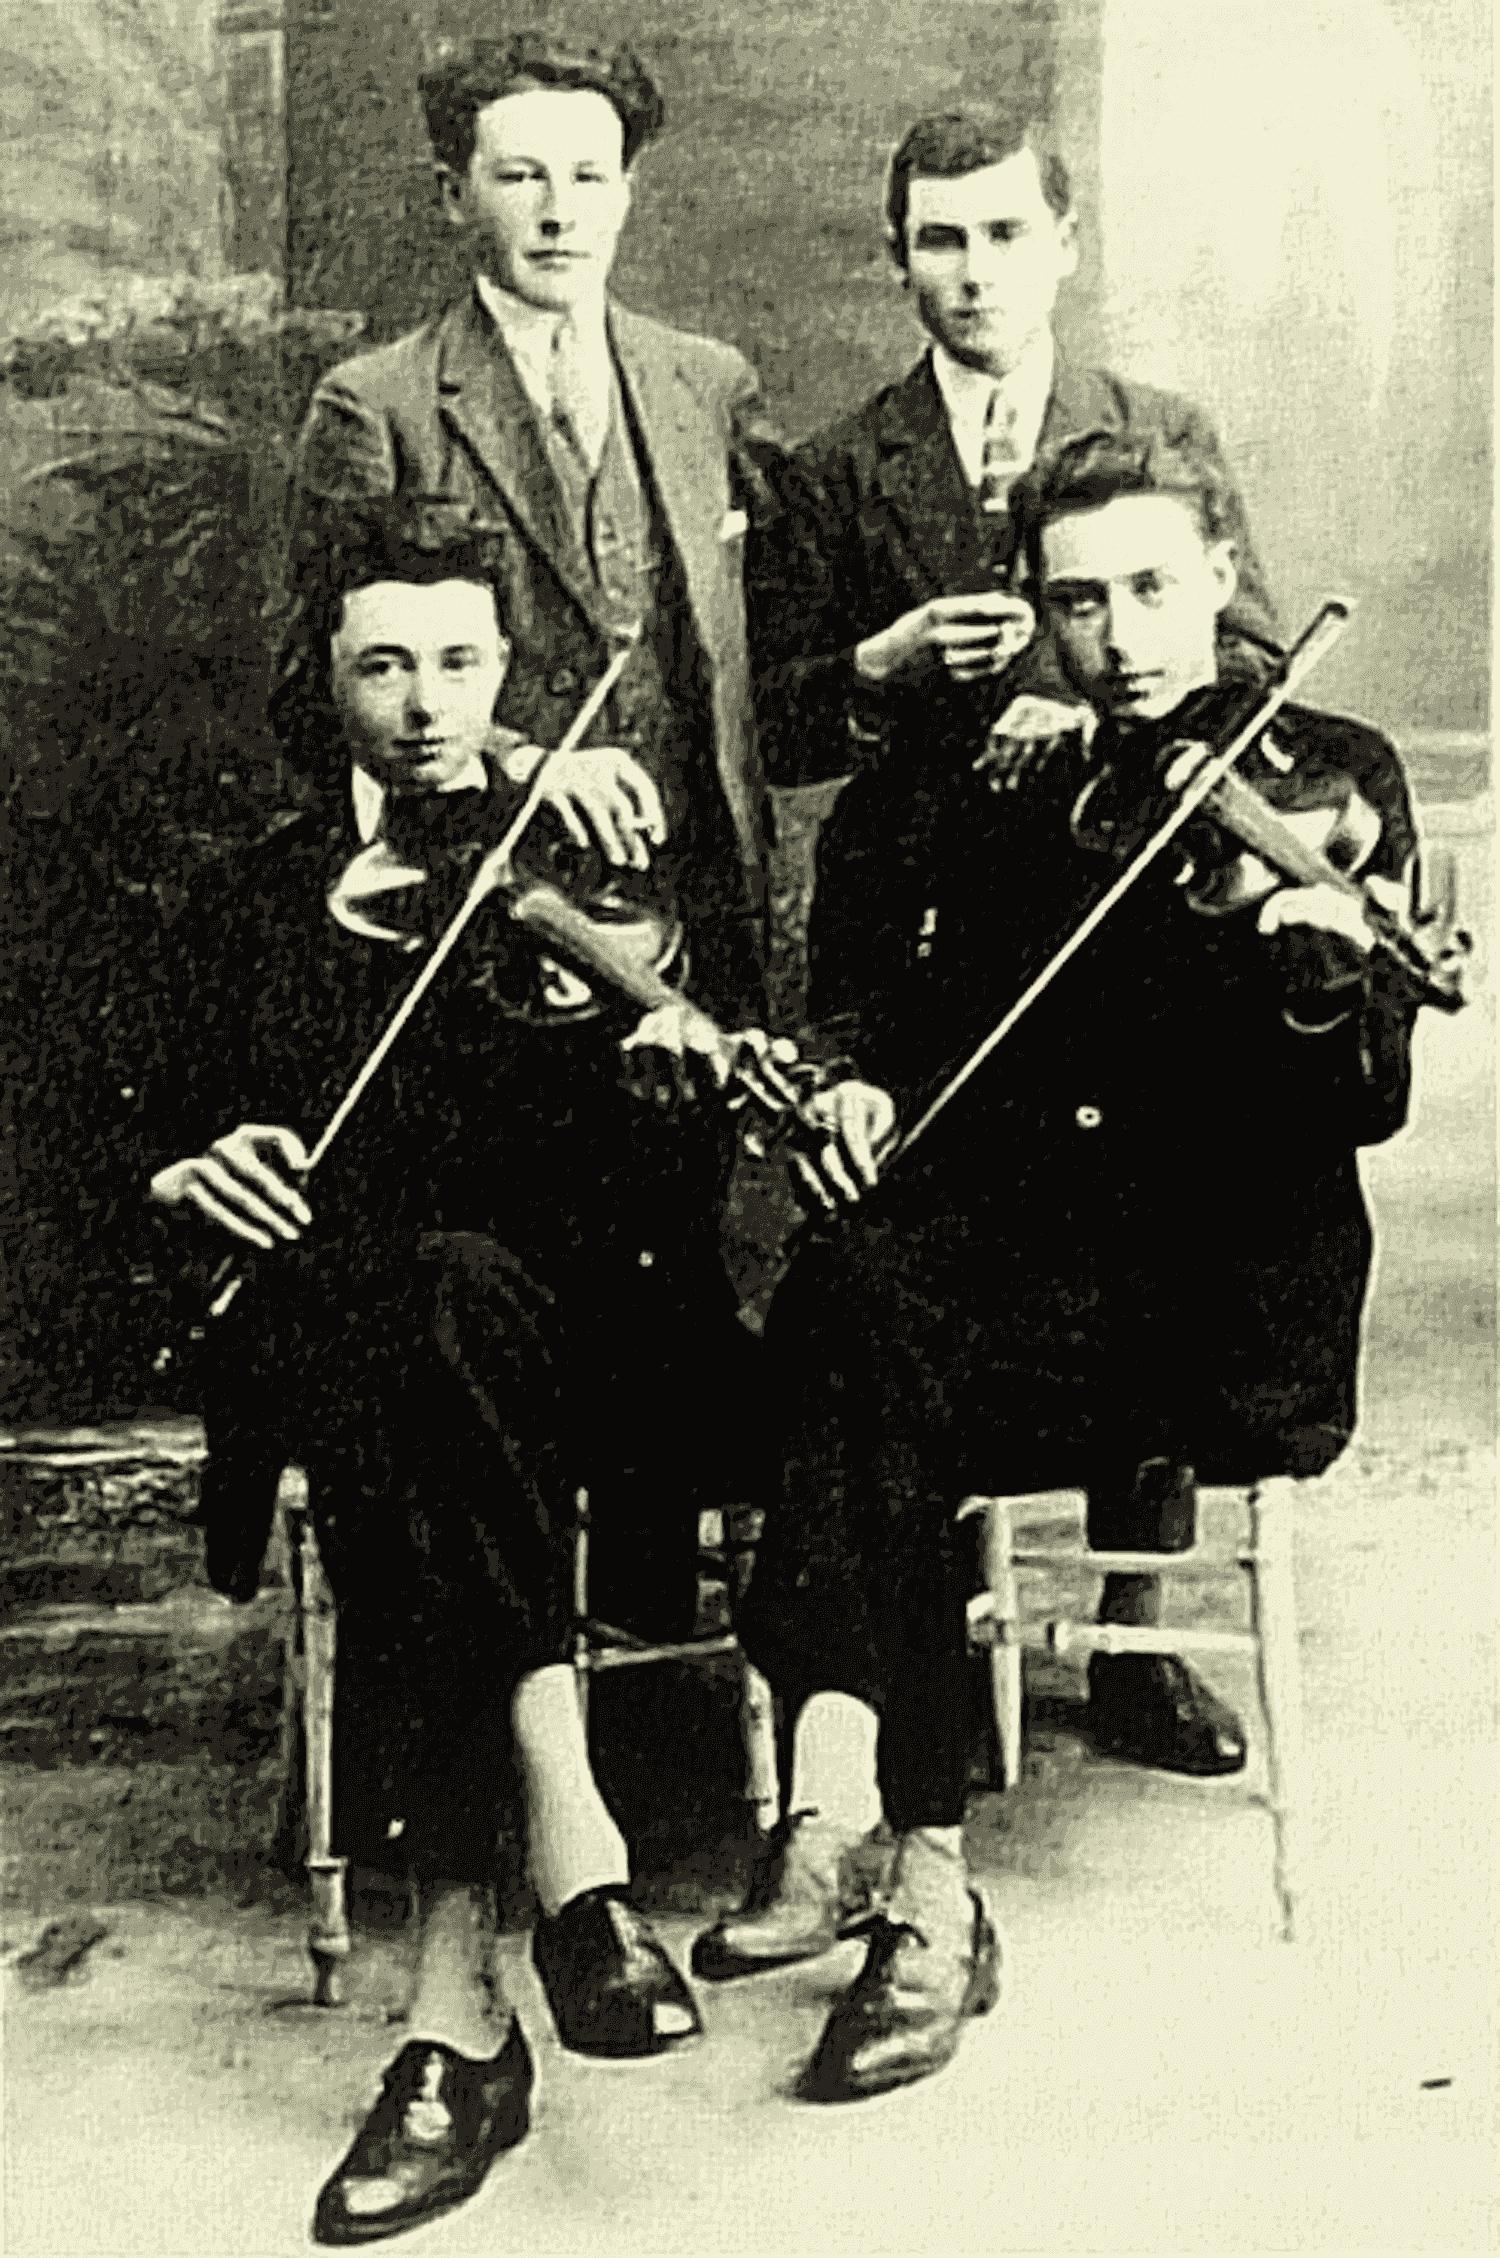 St-Pierre-du-Chemin (85). 1926. Studio Denis, photographe d'art. Portrait de 4 jeunes gens dont 2 violoneux : Albert Girardeau (à gauche) et Alfred Talon (à droite) de St-Marsault.